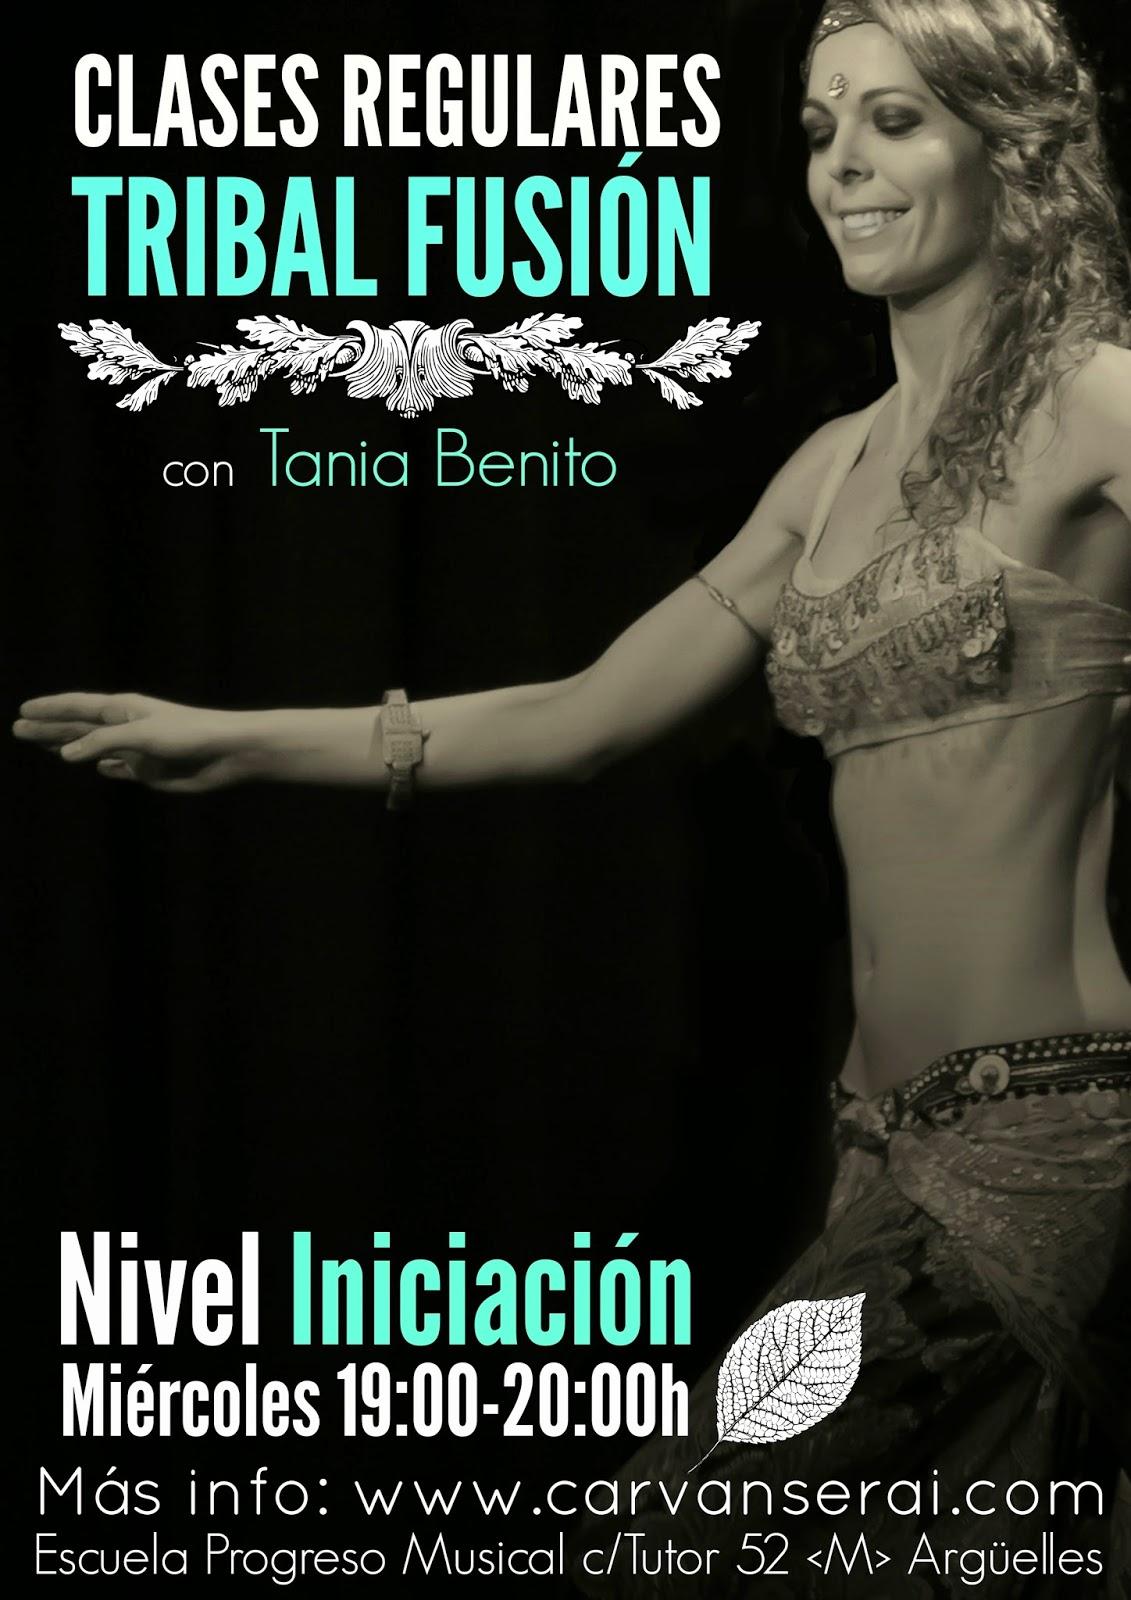 clases de nivel iniciacion fusion tribal con tania benito